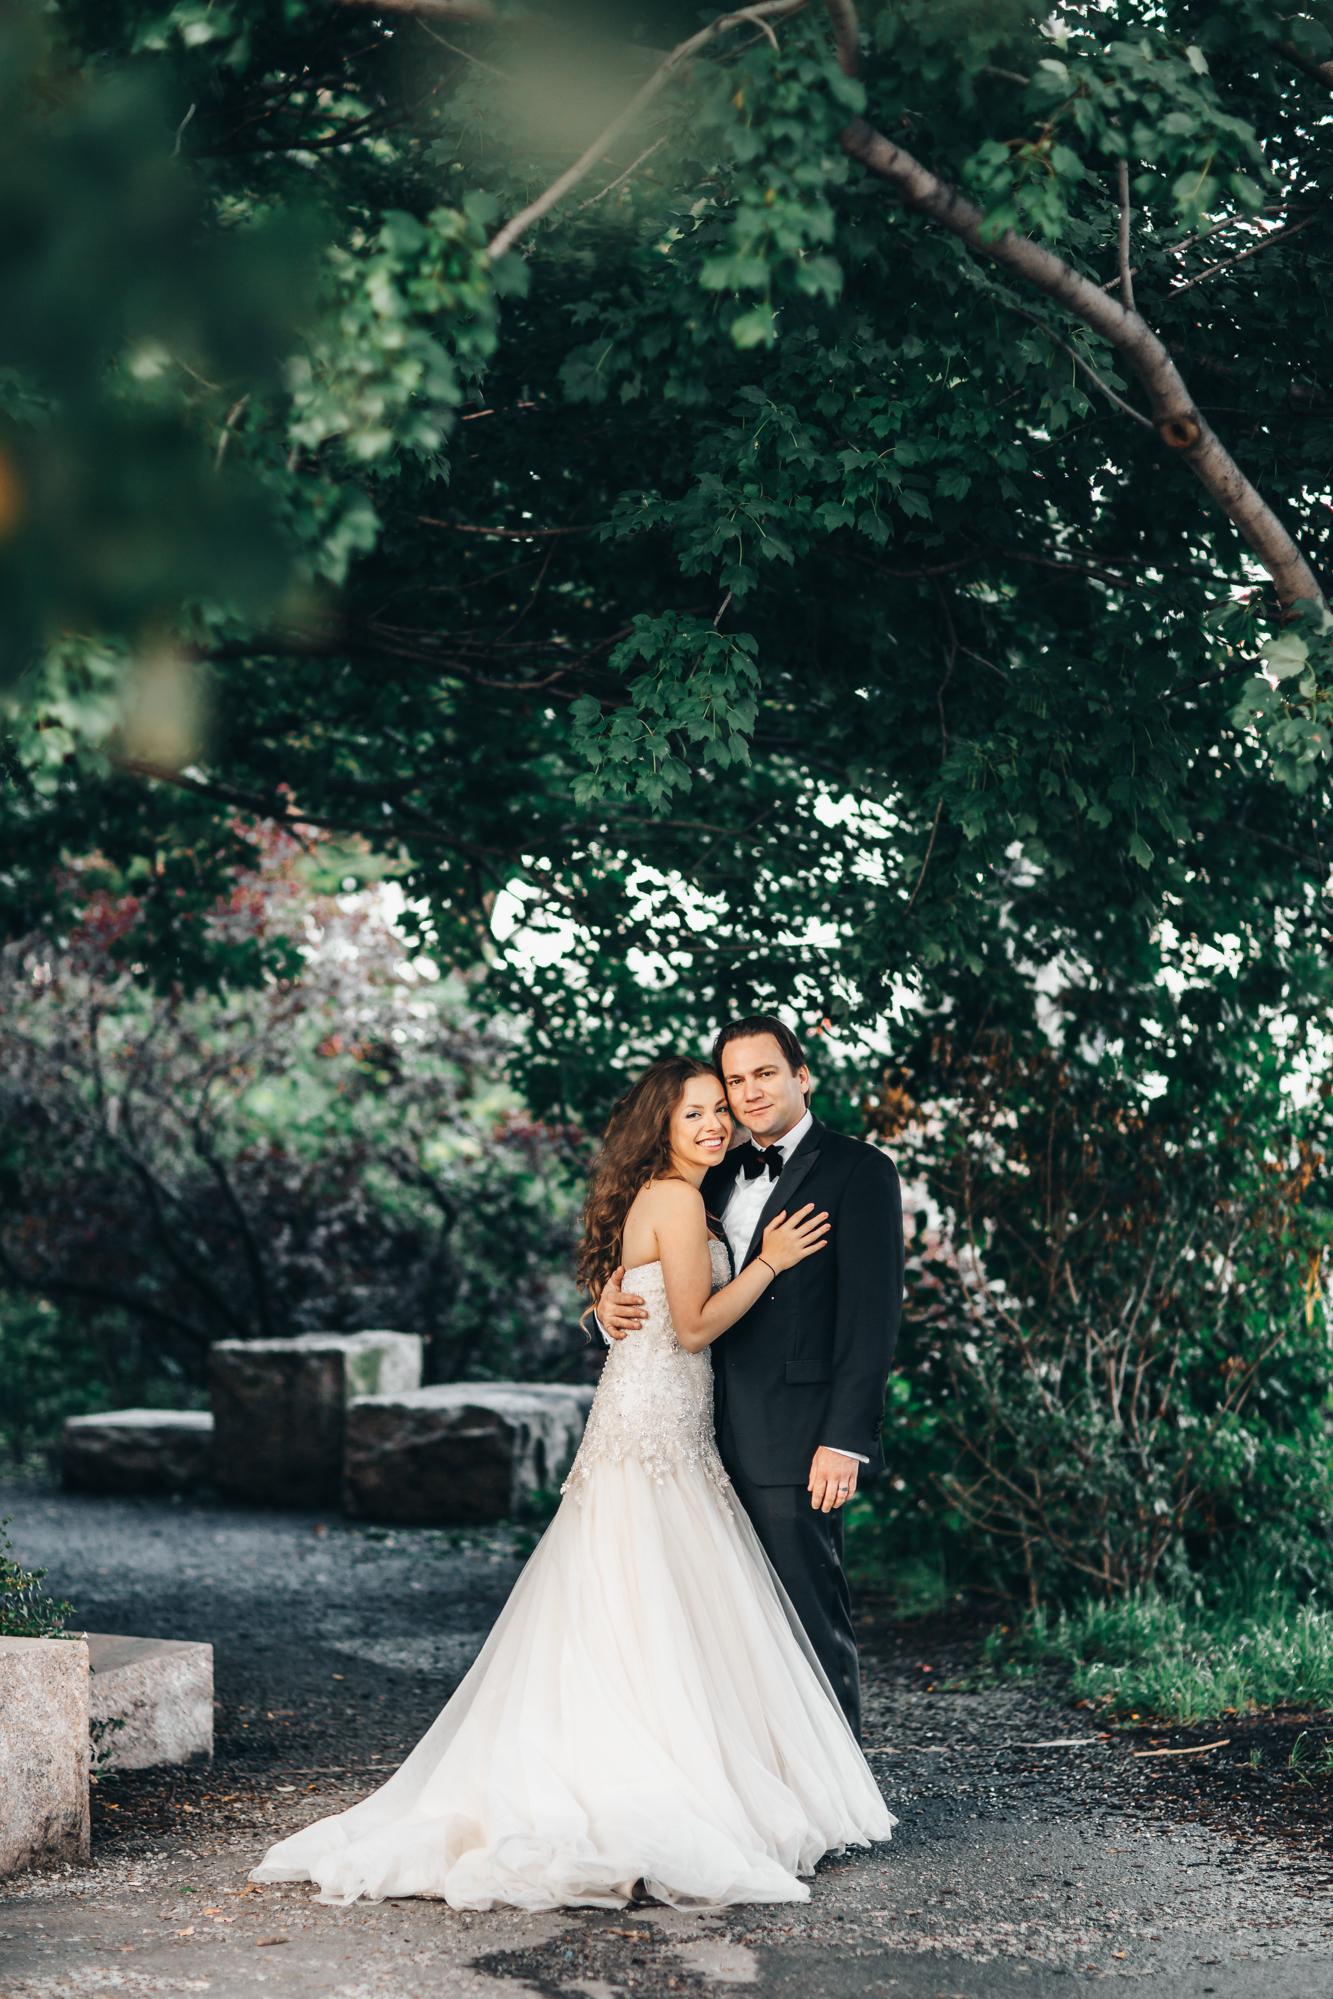 New York Wedding Photographer Boris Zaretsky Boris_Zaretsky_Photography__B2C6495-Edit copy.jpg